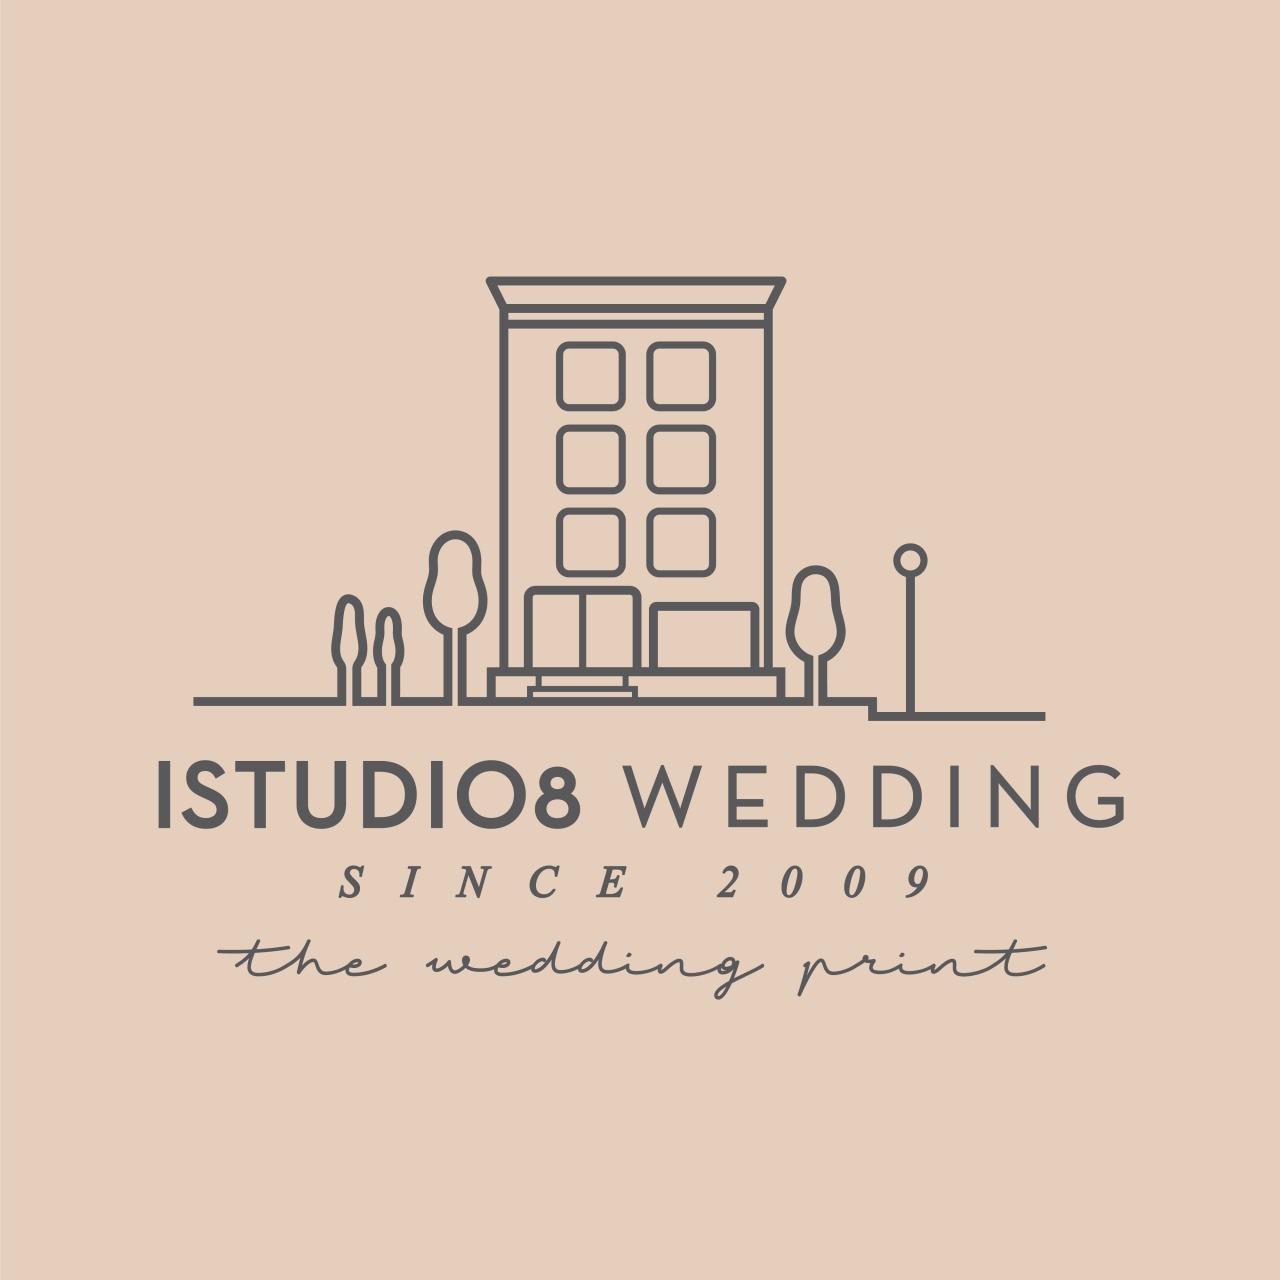 Istudio8 Image Team